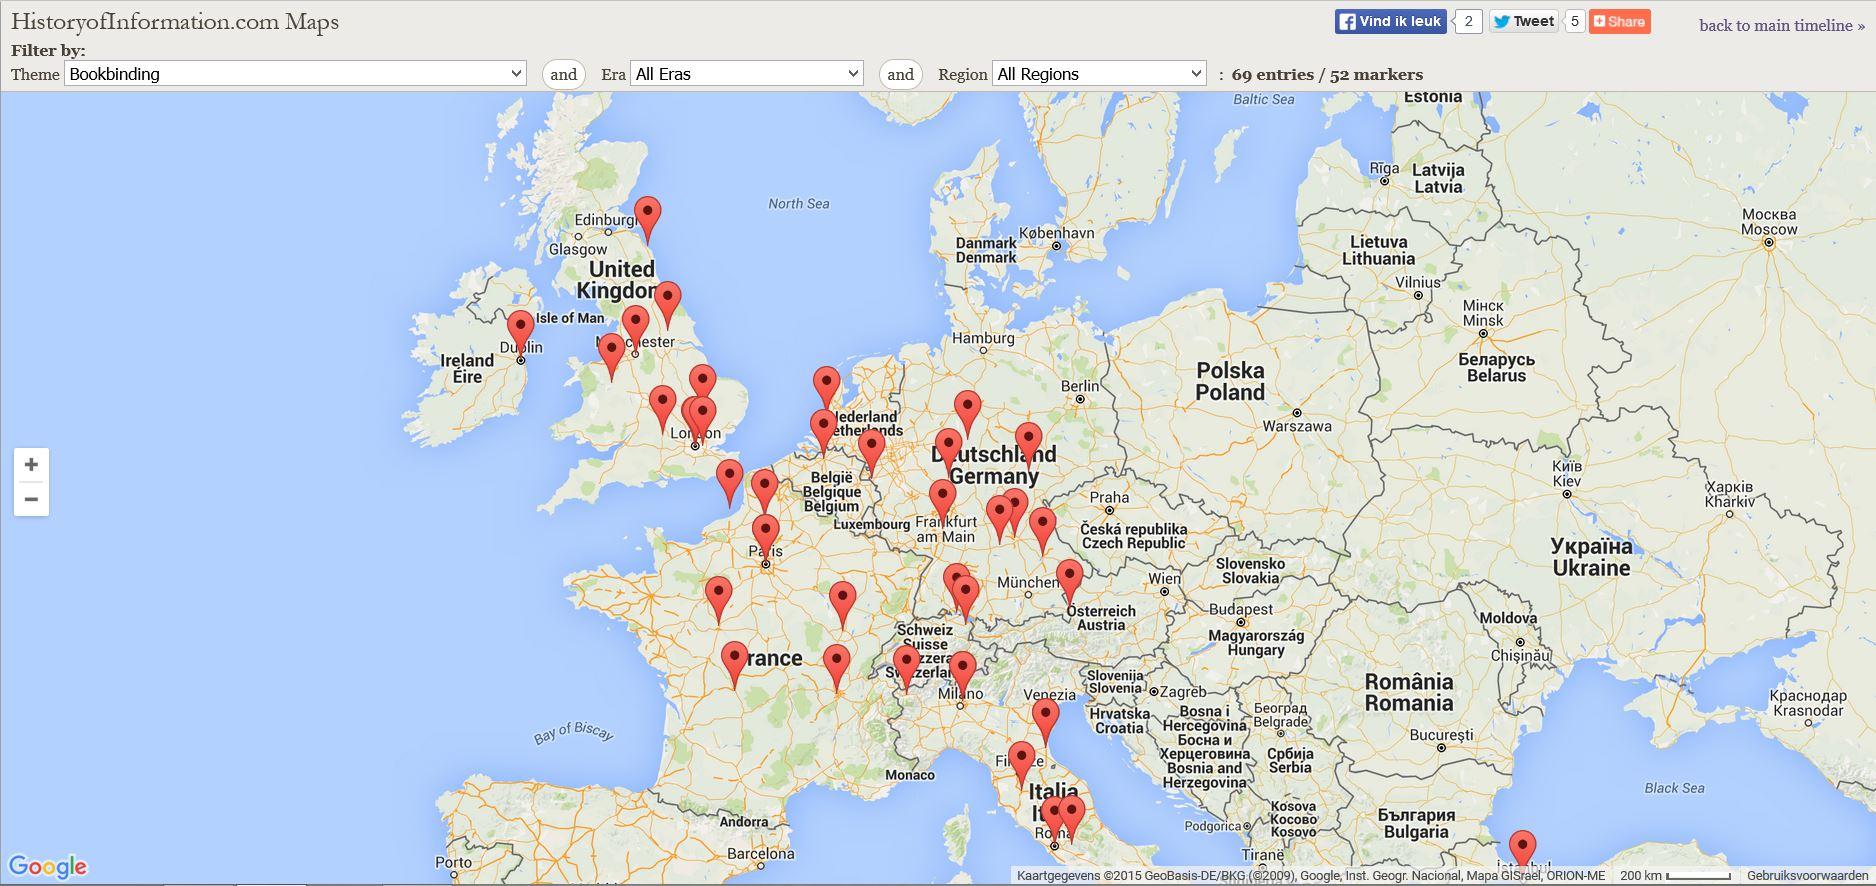 geschiedenis boekbinden kaart